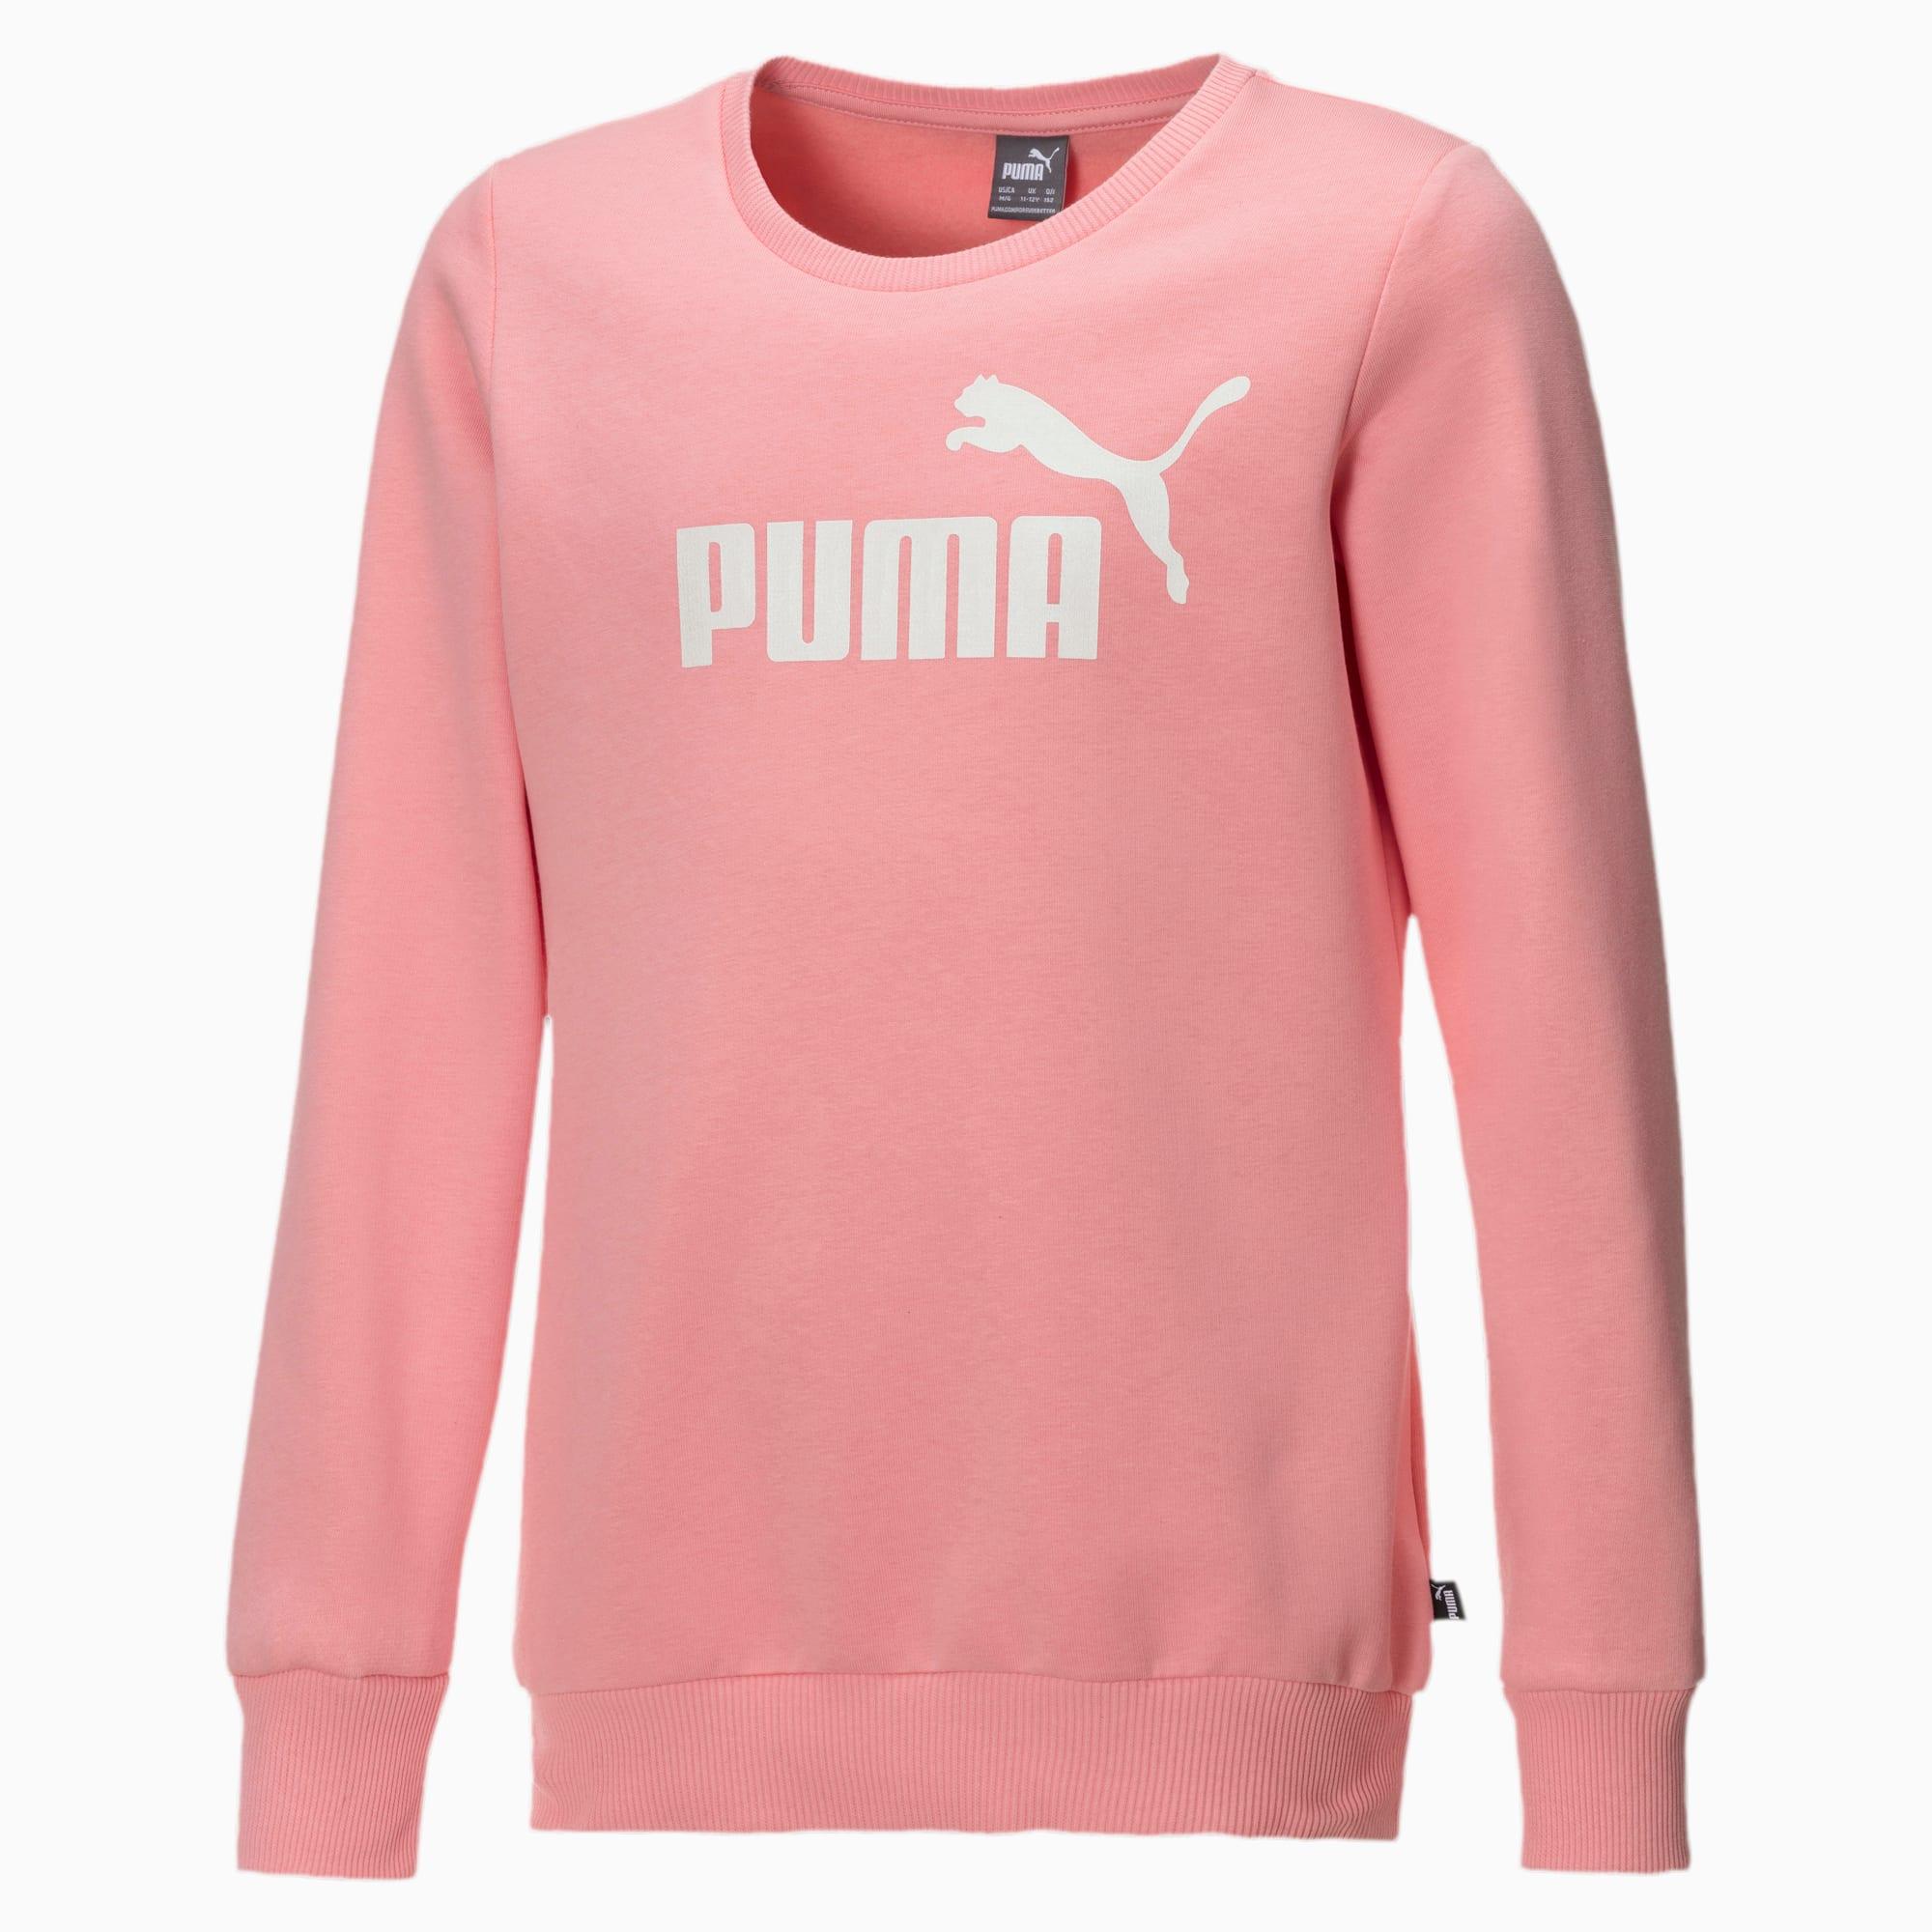 Sweat à encolure ronde Fleece pour fille, Blanc/, Taille 104, Vêtements - PUMA - Modalova